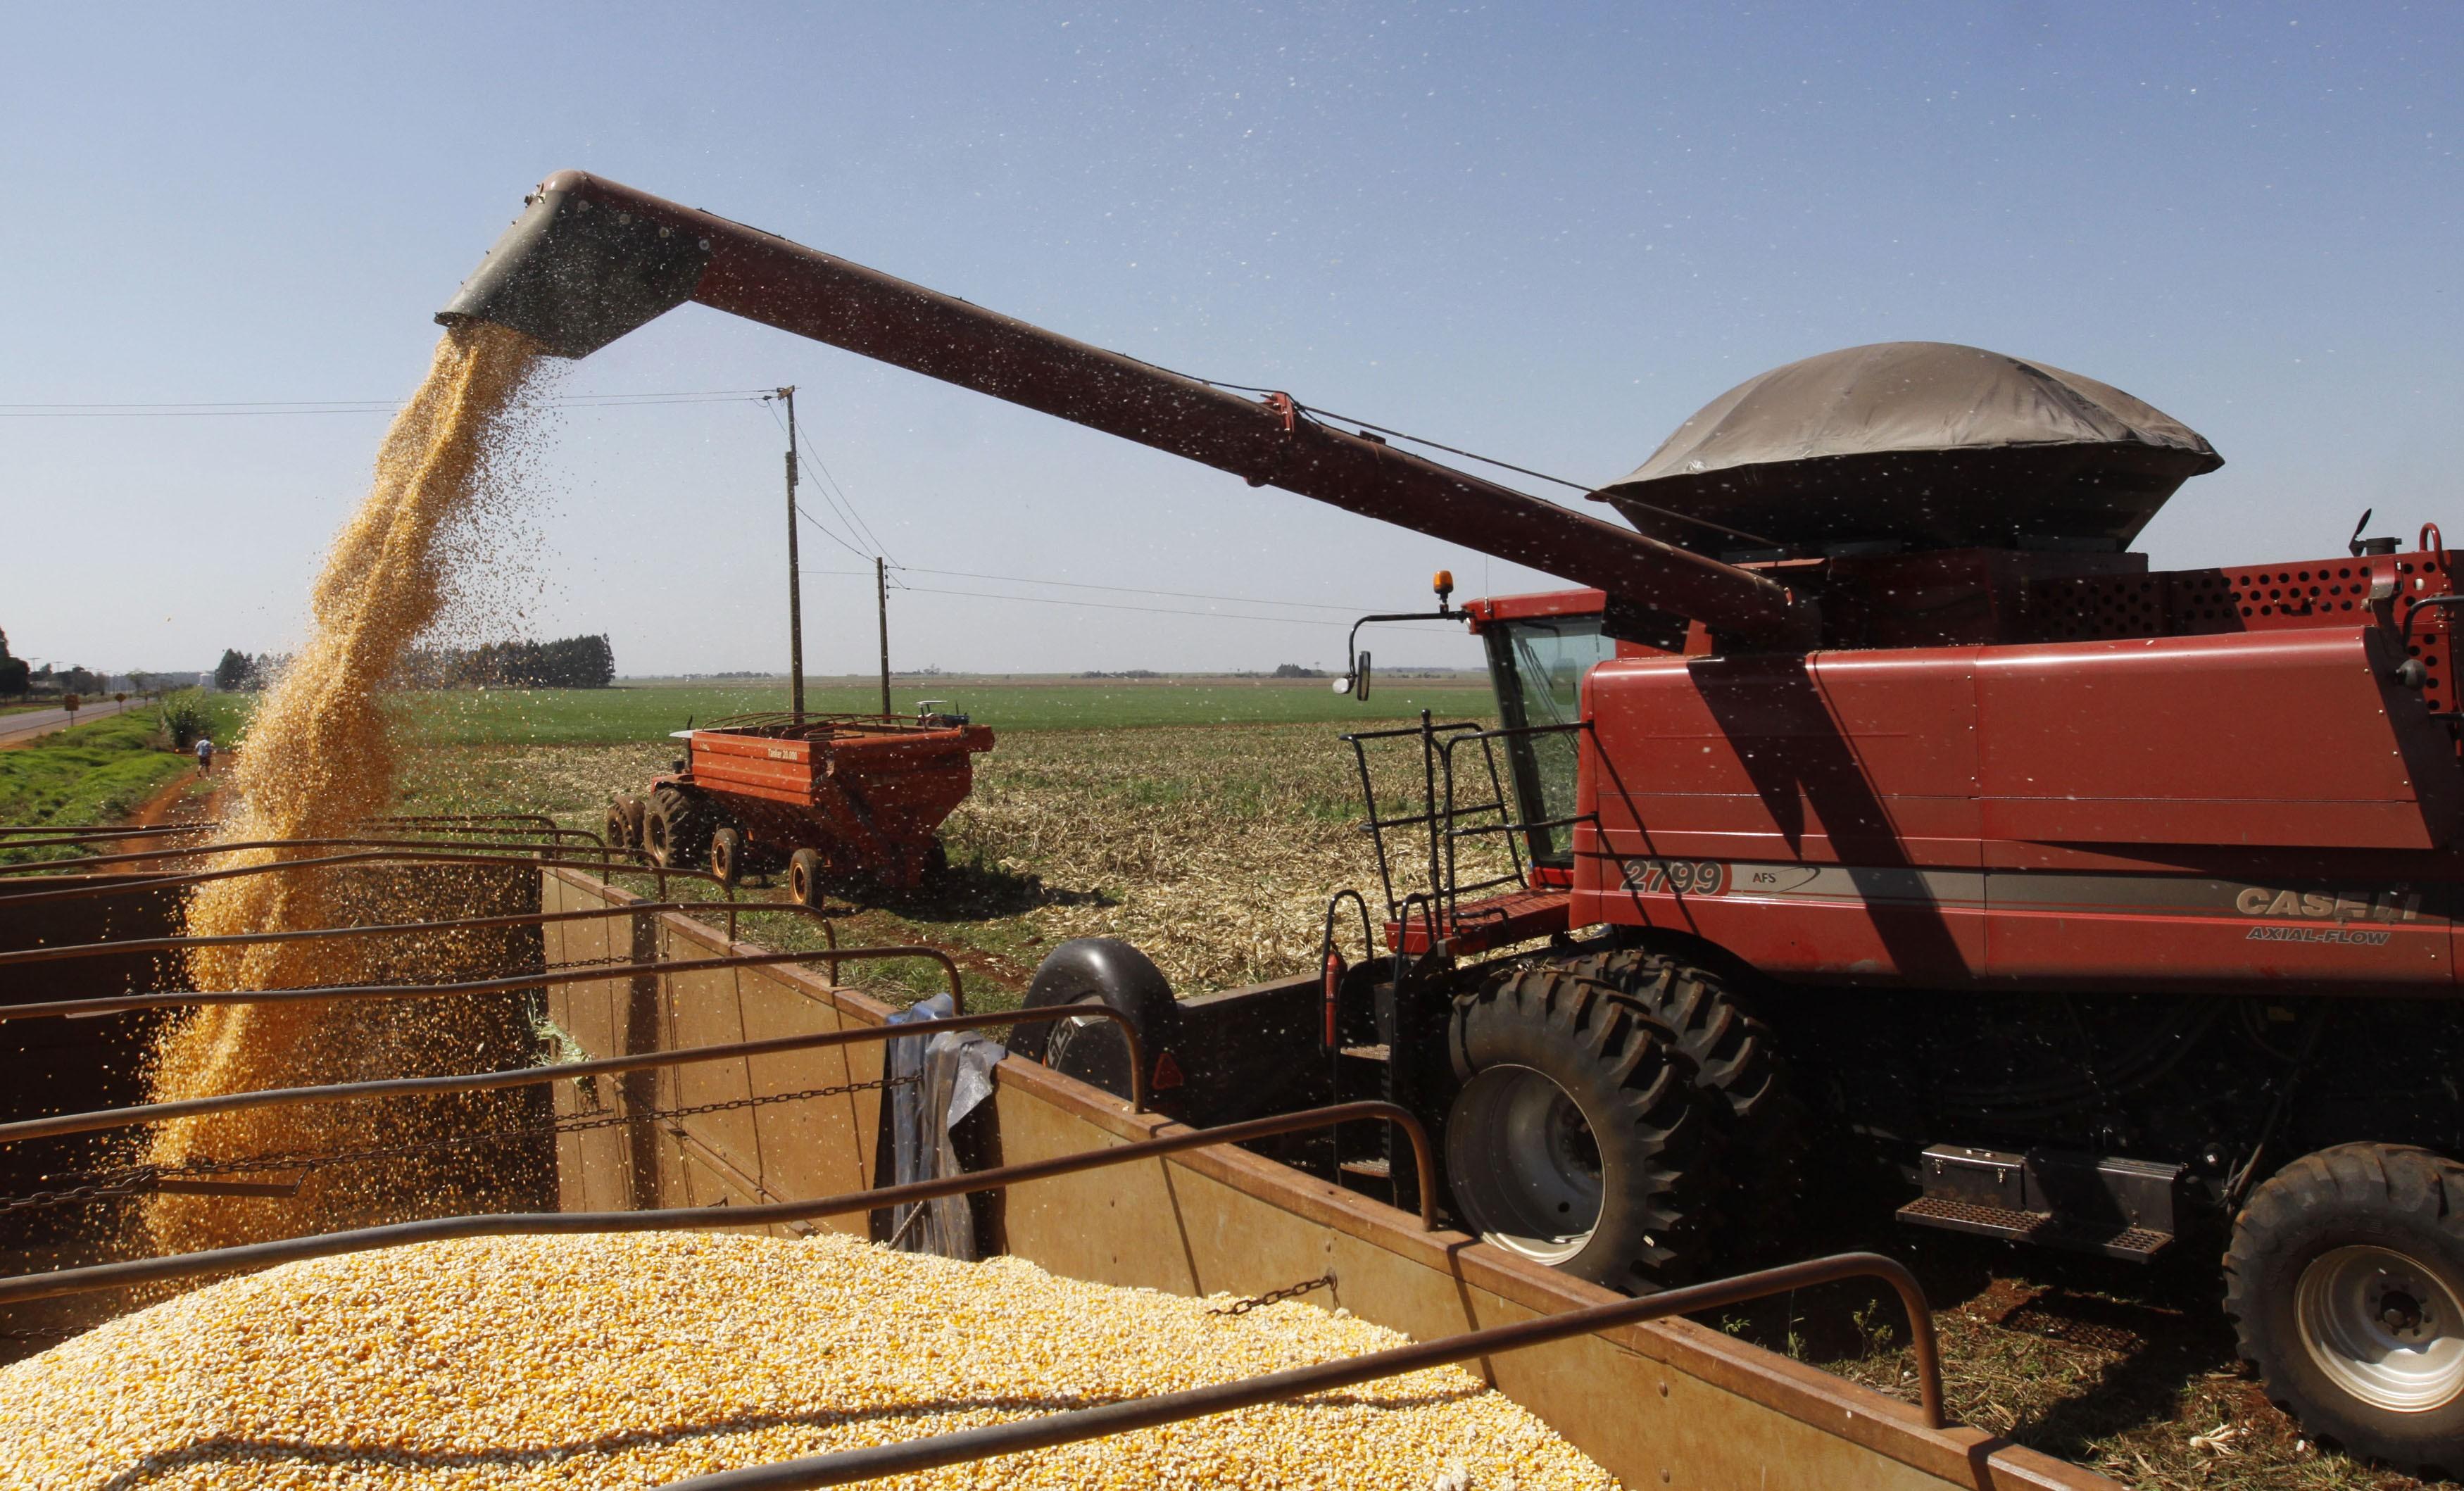 Carregamento de milho em caminhão no Paraguay. 07/08/2012  (Foto: REUTERS/Jorge Adorno)